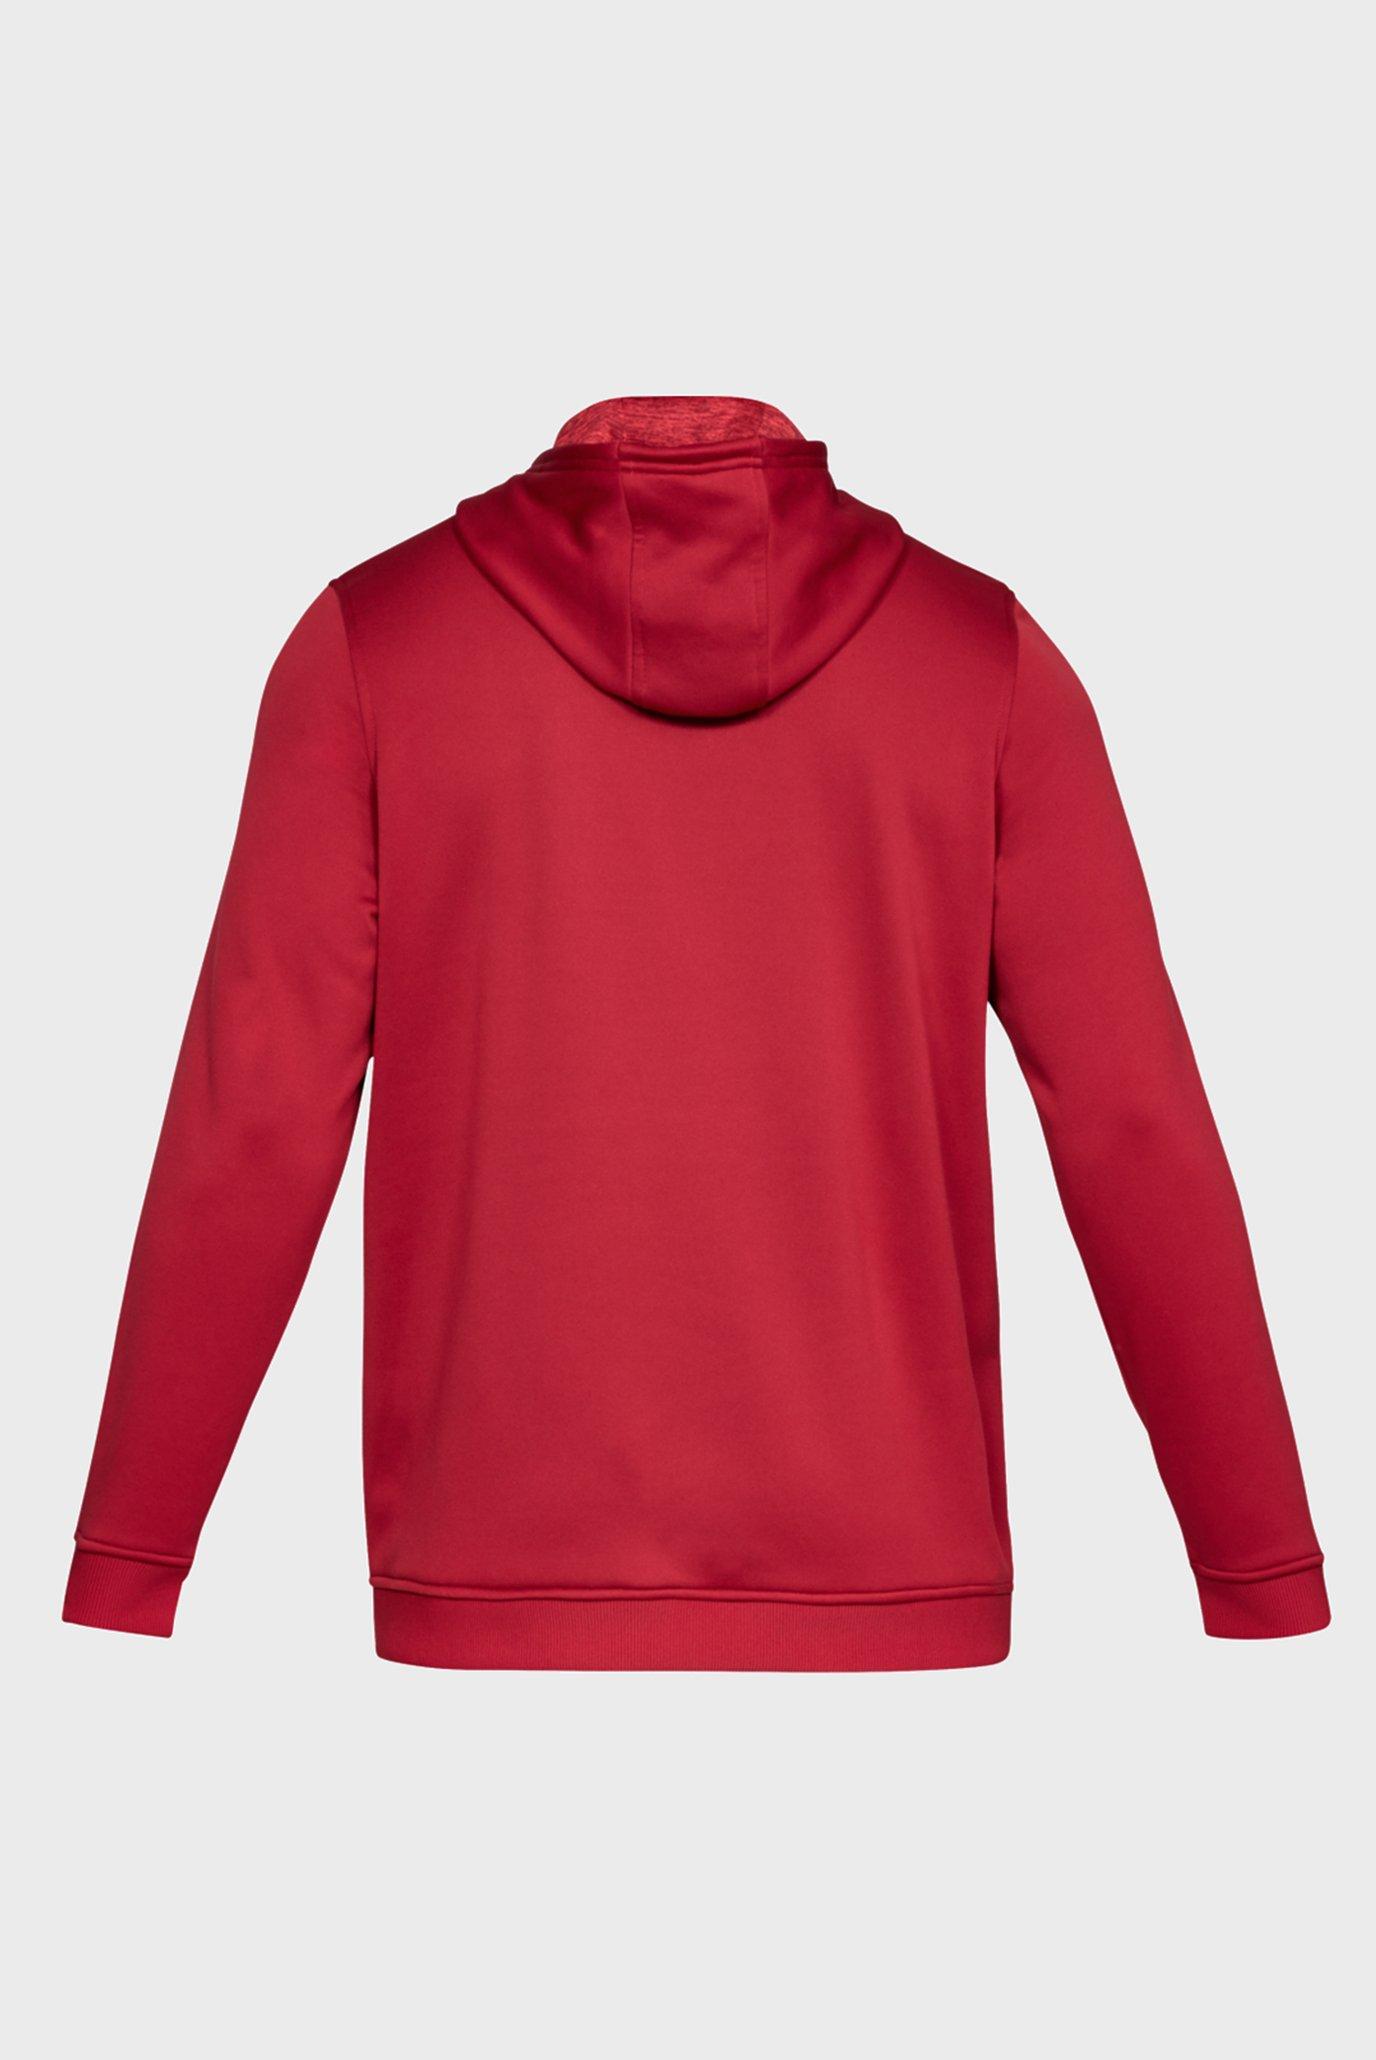 Купить Мужское красное худи ARMOUR FLEECE PO HOODIE Under Armour Under Armour 1320743-651 – Киев, Украина. Цены в интернет магазине MD Fashion